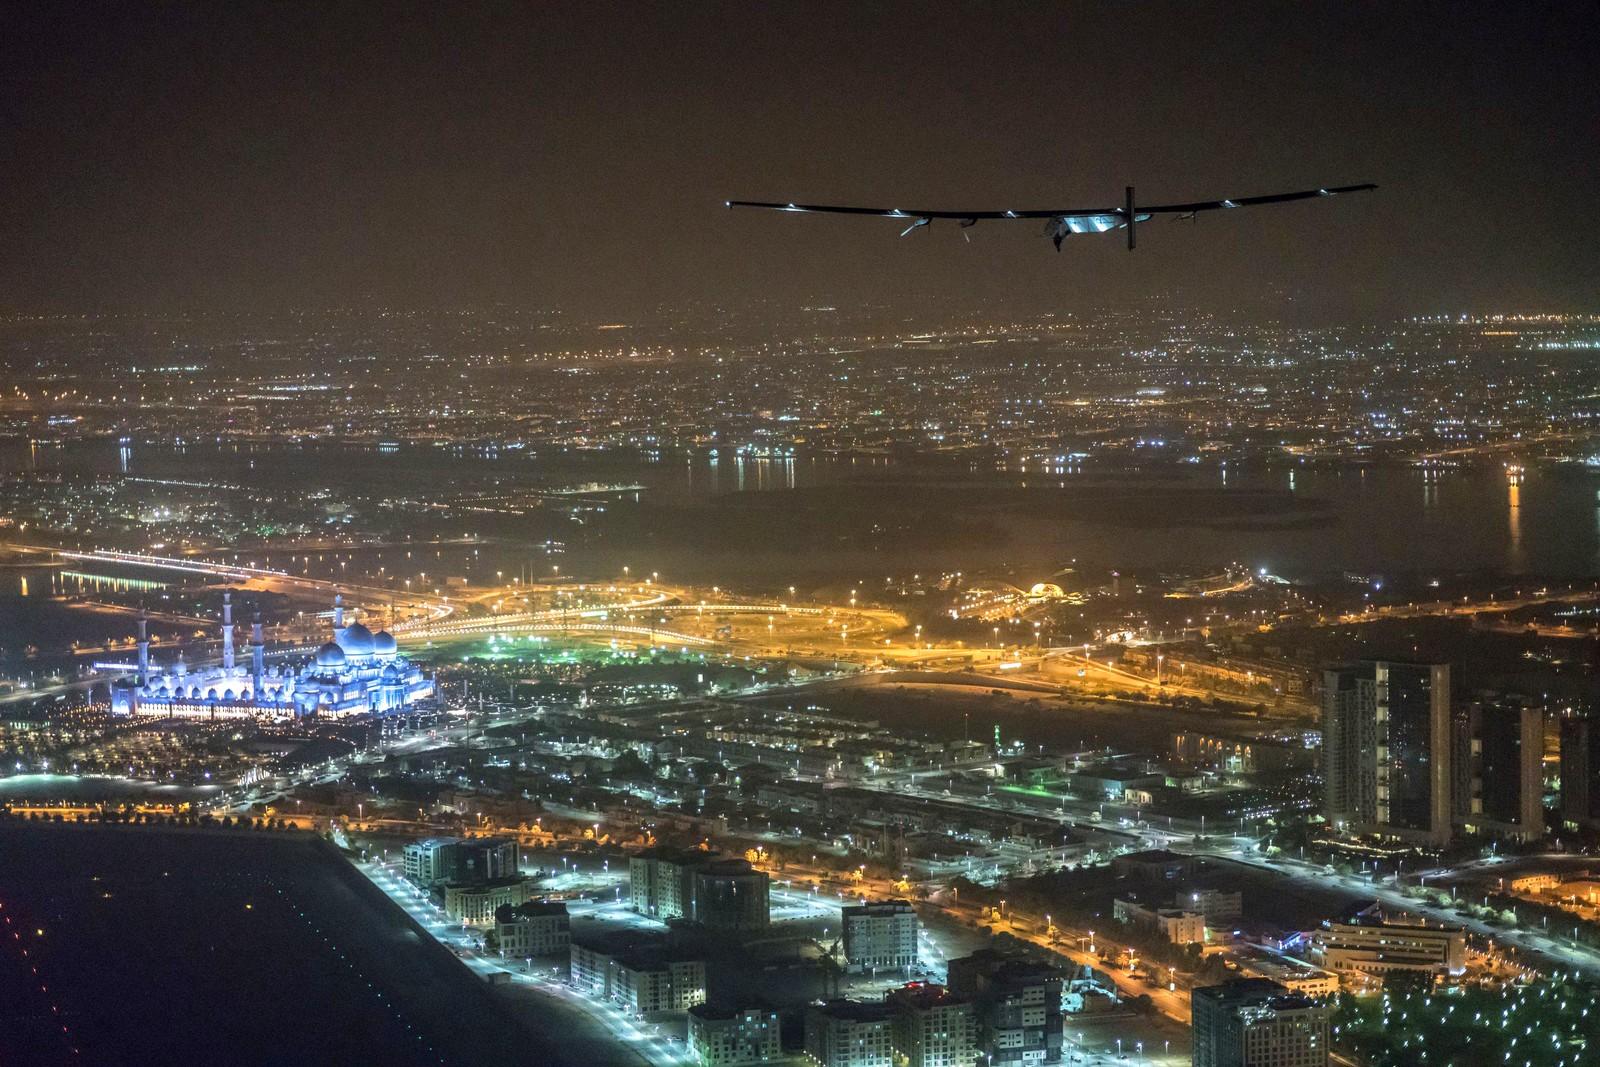 Her lander den sveitsiske piloten Bertrand Piccard Solar 2 i Abu Dhabi i De forente arabiske emirater den 26. juli. Solar 2 er et solcellefly, og det er første gang et soldrevet fly har fløyet rundt jorden. Piccard var for øvrig den første som fløy jorden rundt i en ballong uten stopp.